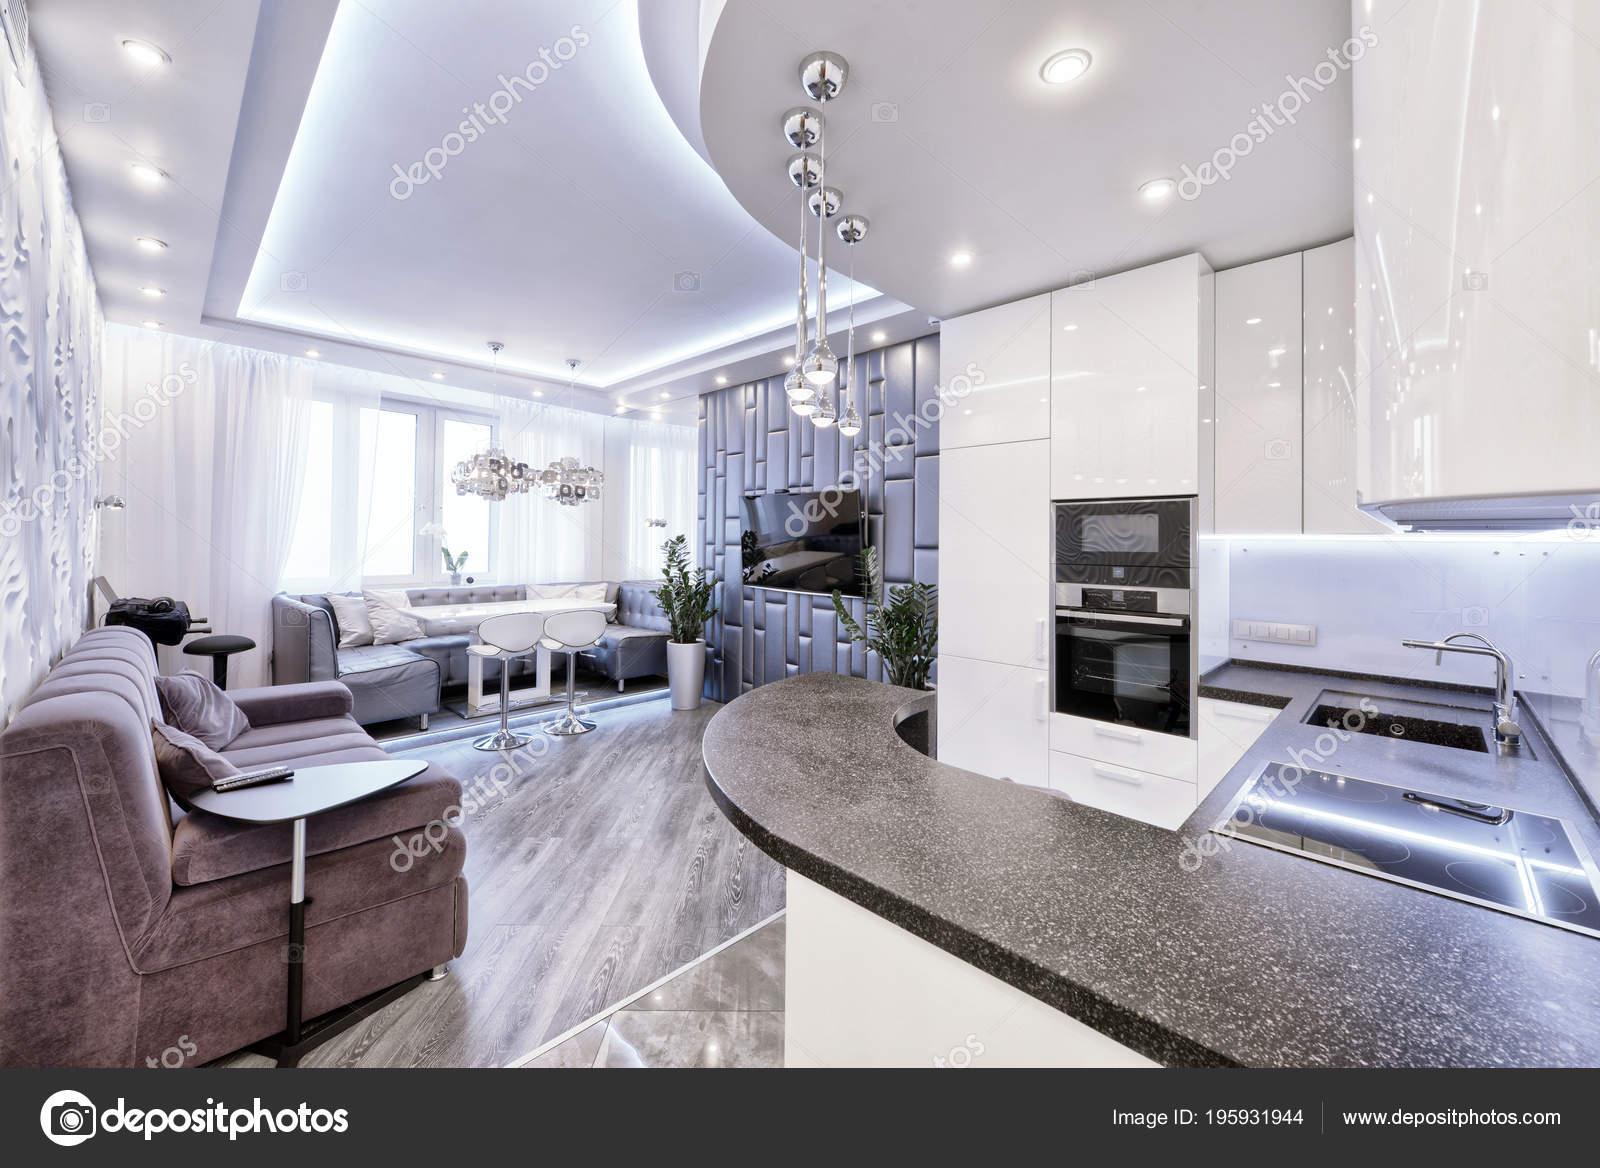 Moderne Design Interieur Mit Weißen Hochglanz Küche Einer Luxuriösen ...